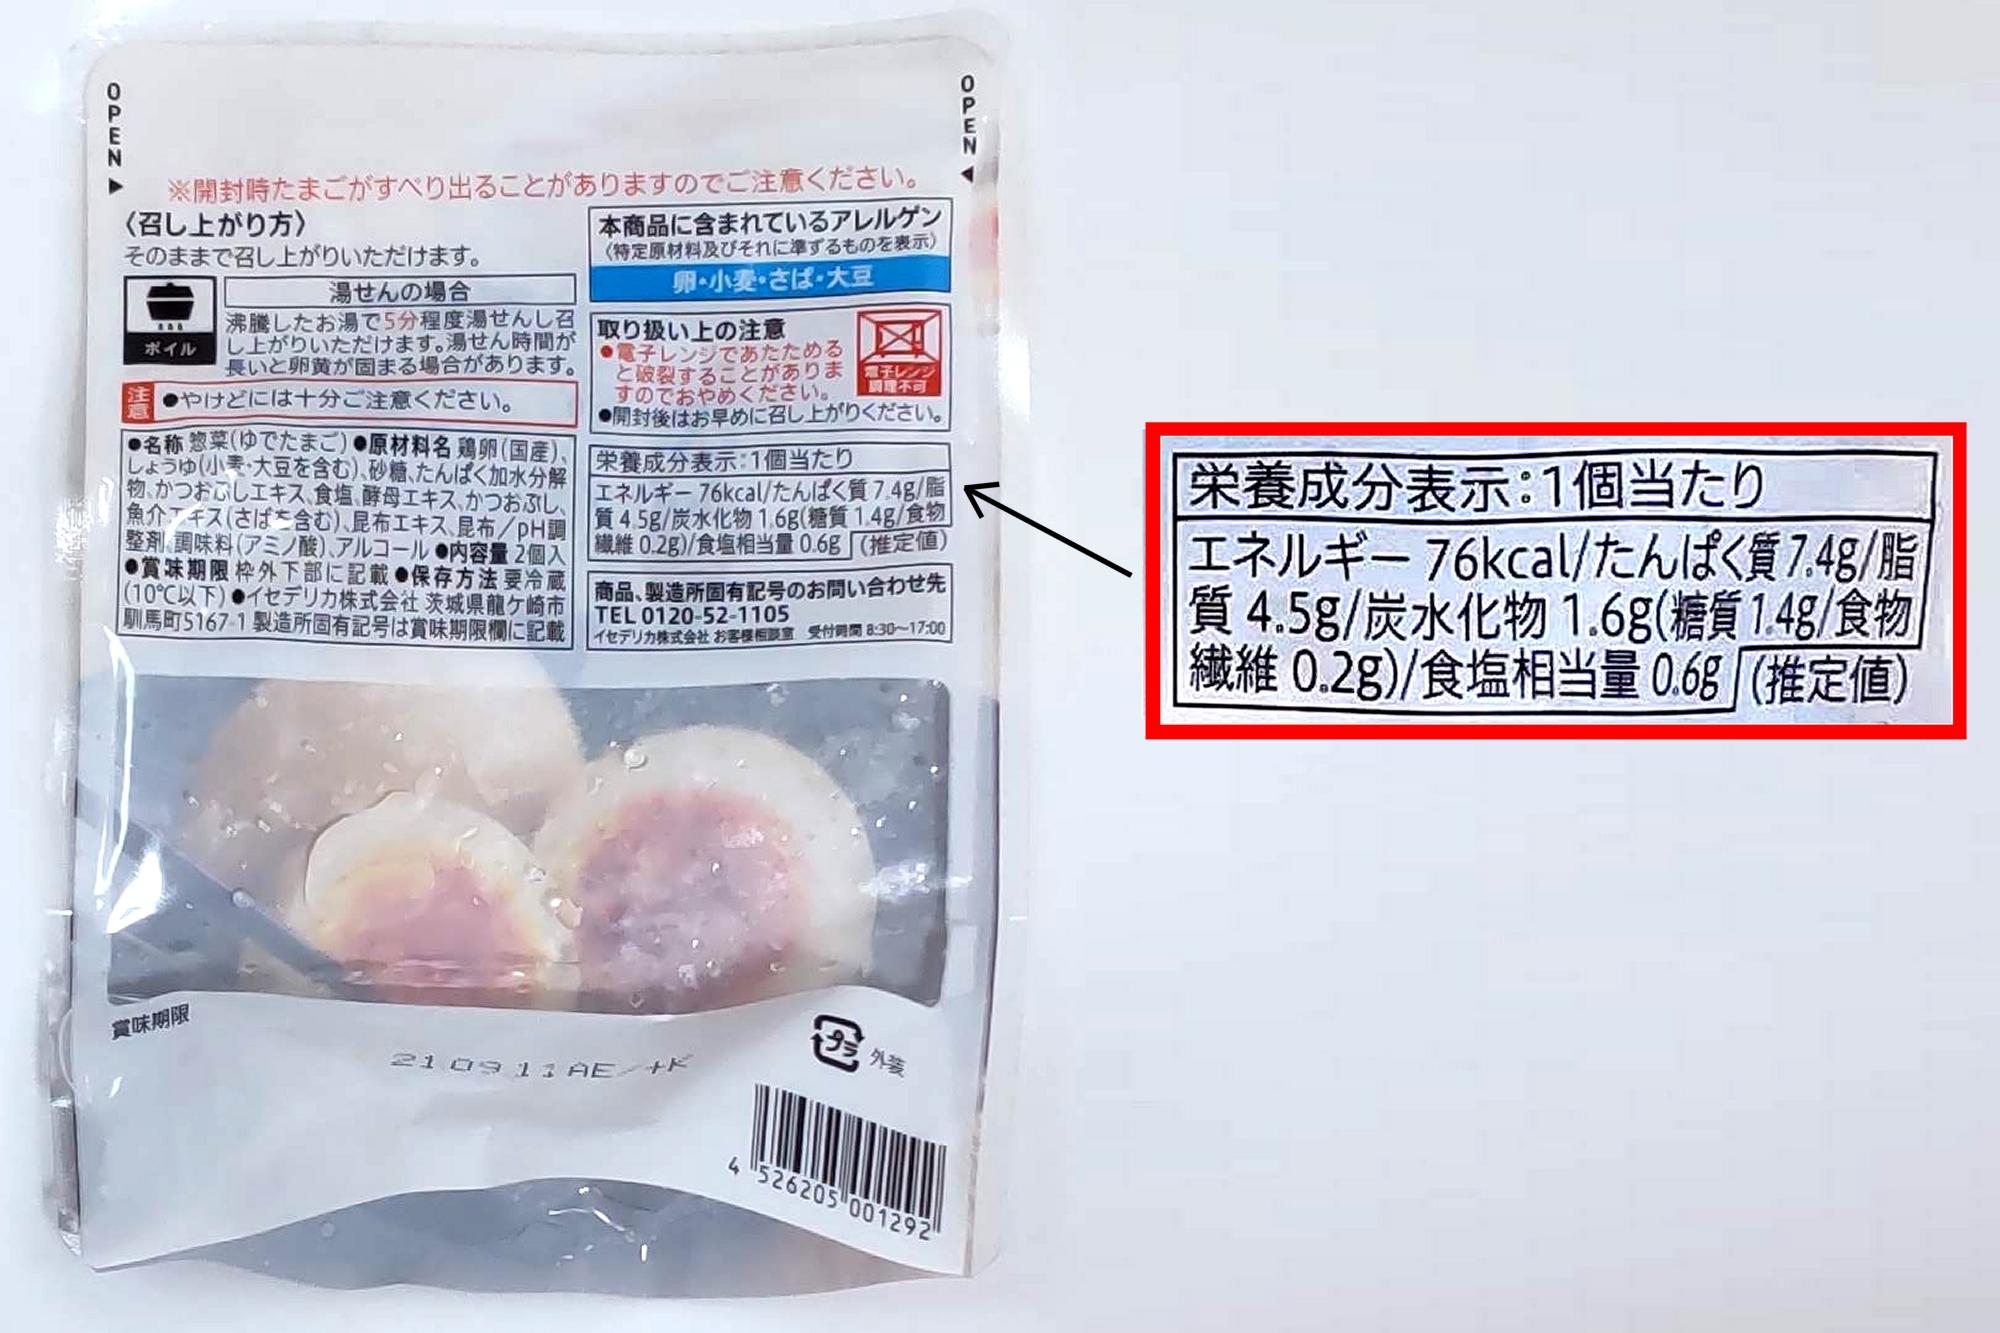 原材料名、栄養成分表示